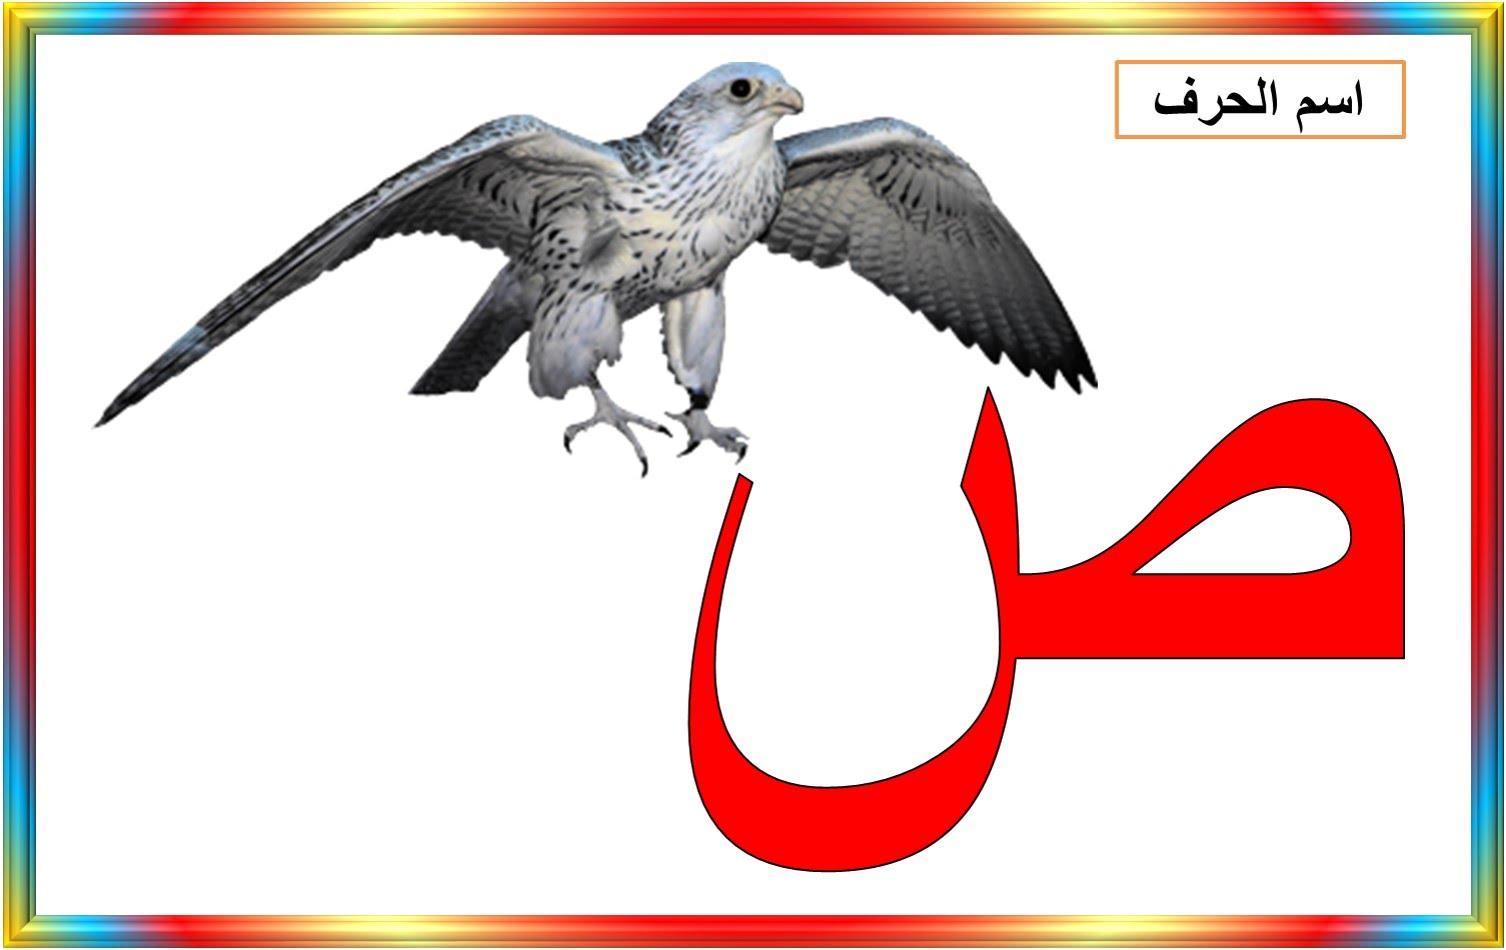 صوره صور خلفيات حرف الصاد روعه اقوى صور حرف الصاد , بوستات للحروف العربية